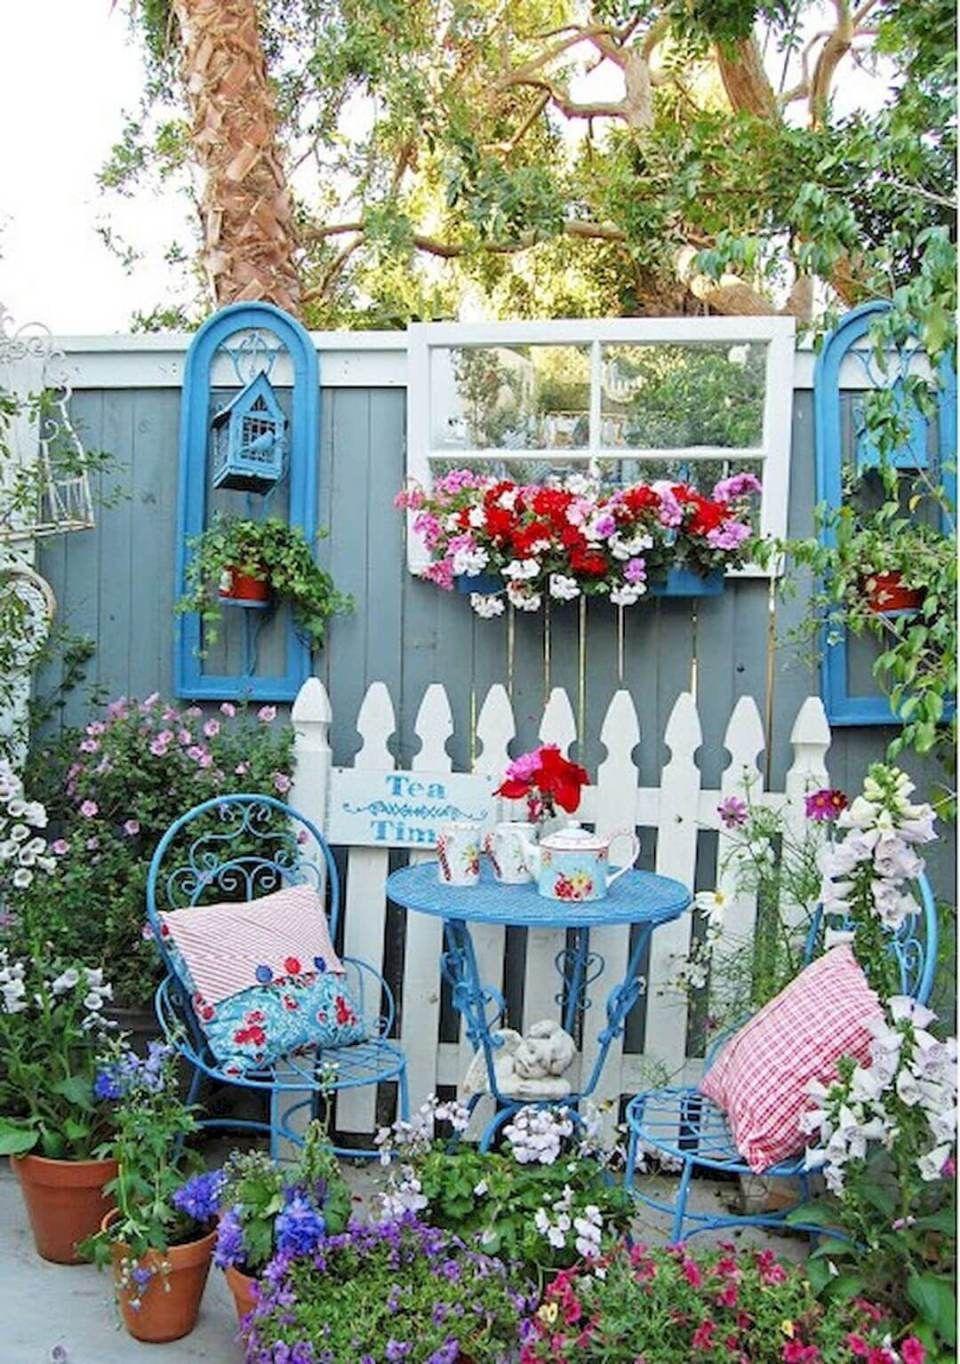 29 Stunning Whimsical Garden Ideas #patioandgardenideas